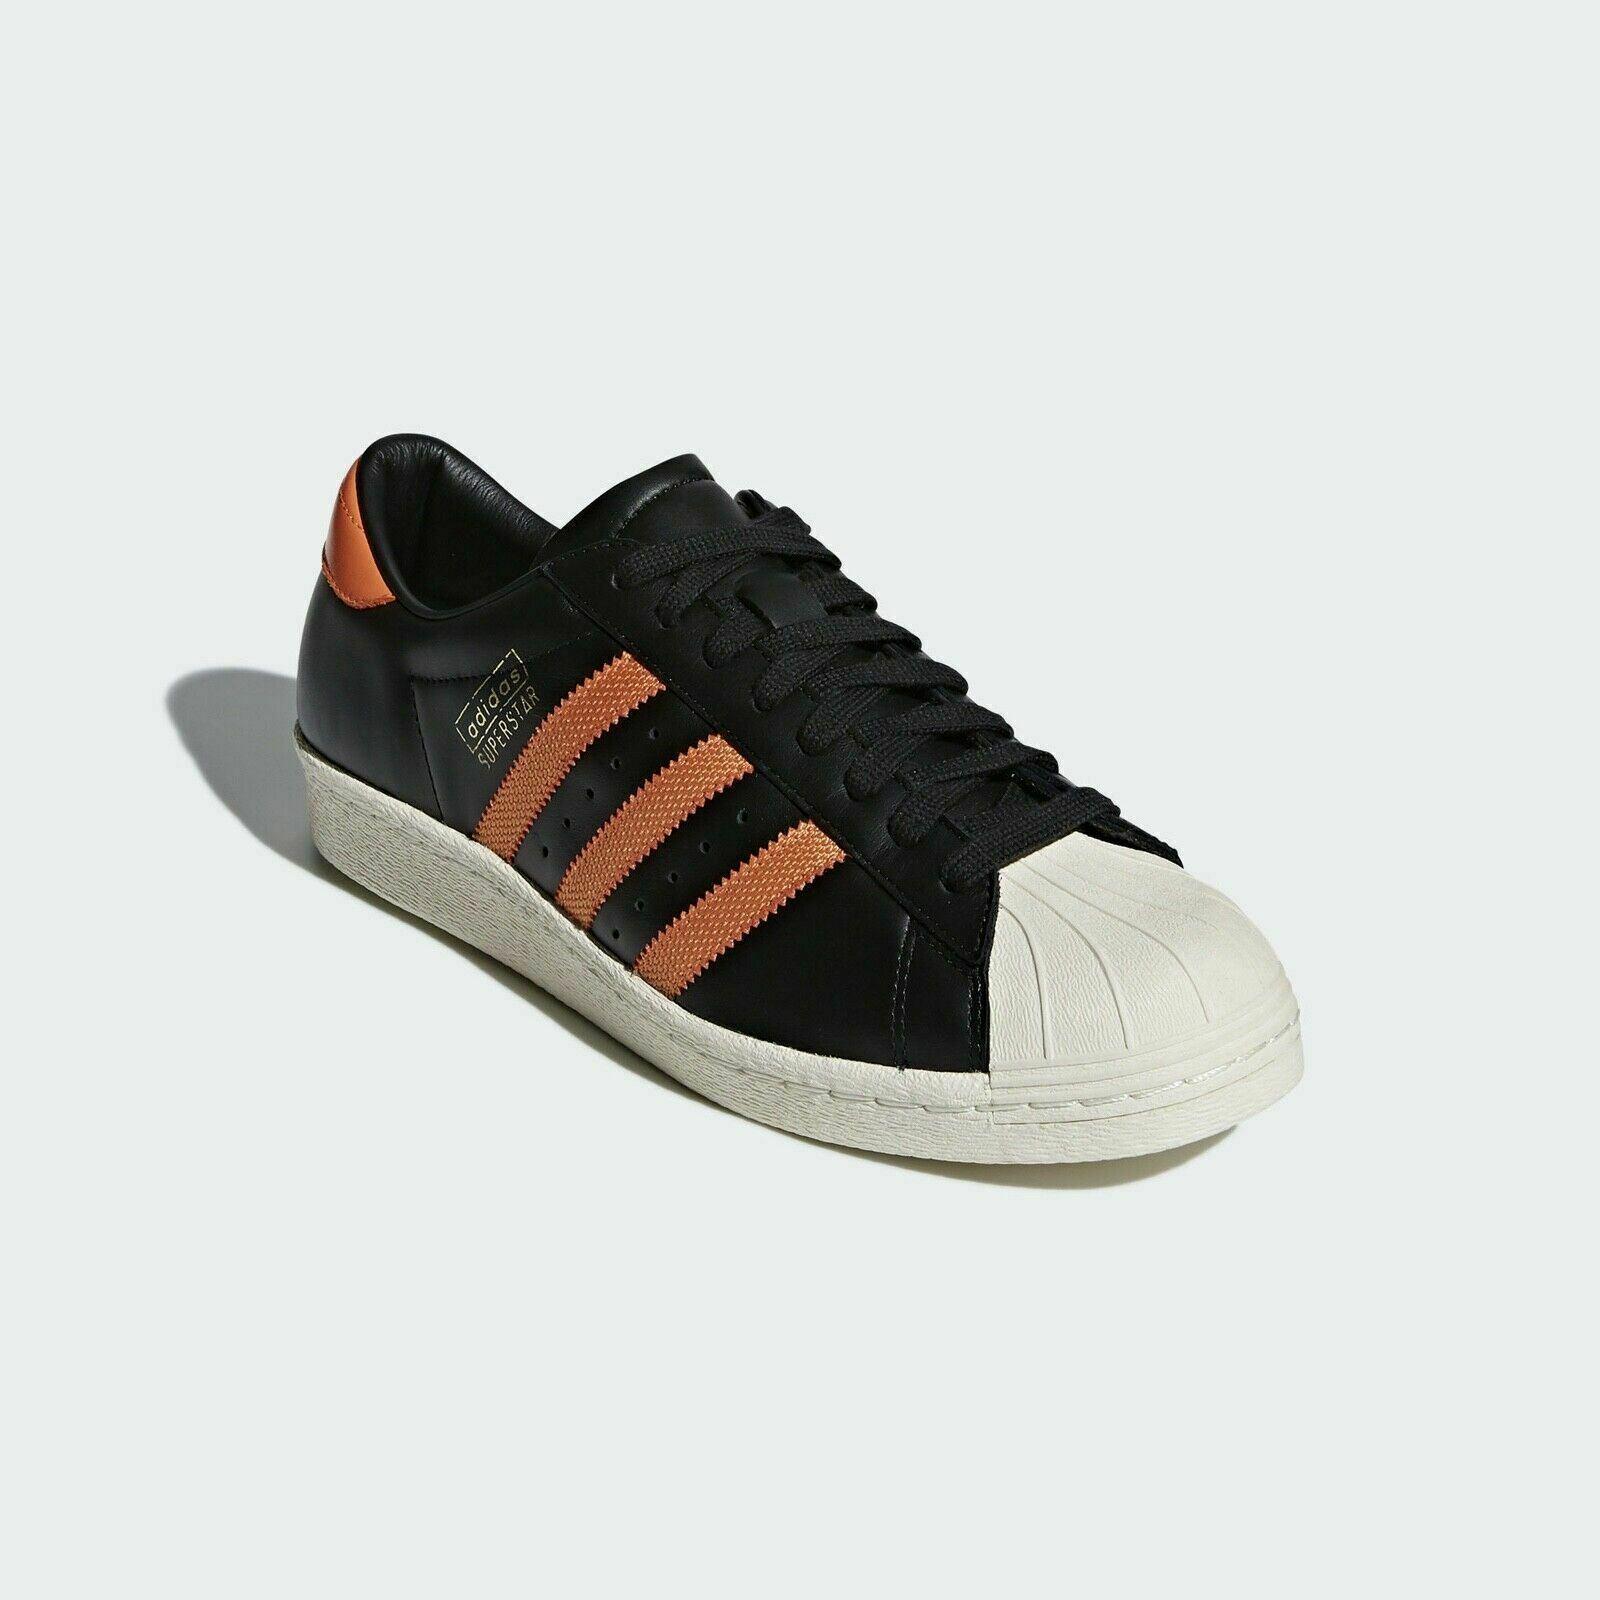 Détails sur Adidas Originaux Superstar 80S Og Baskets Noir Orange Baskets Rétro Neuf